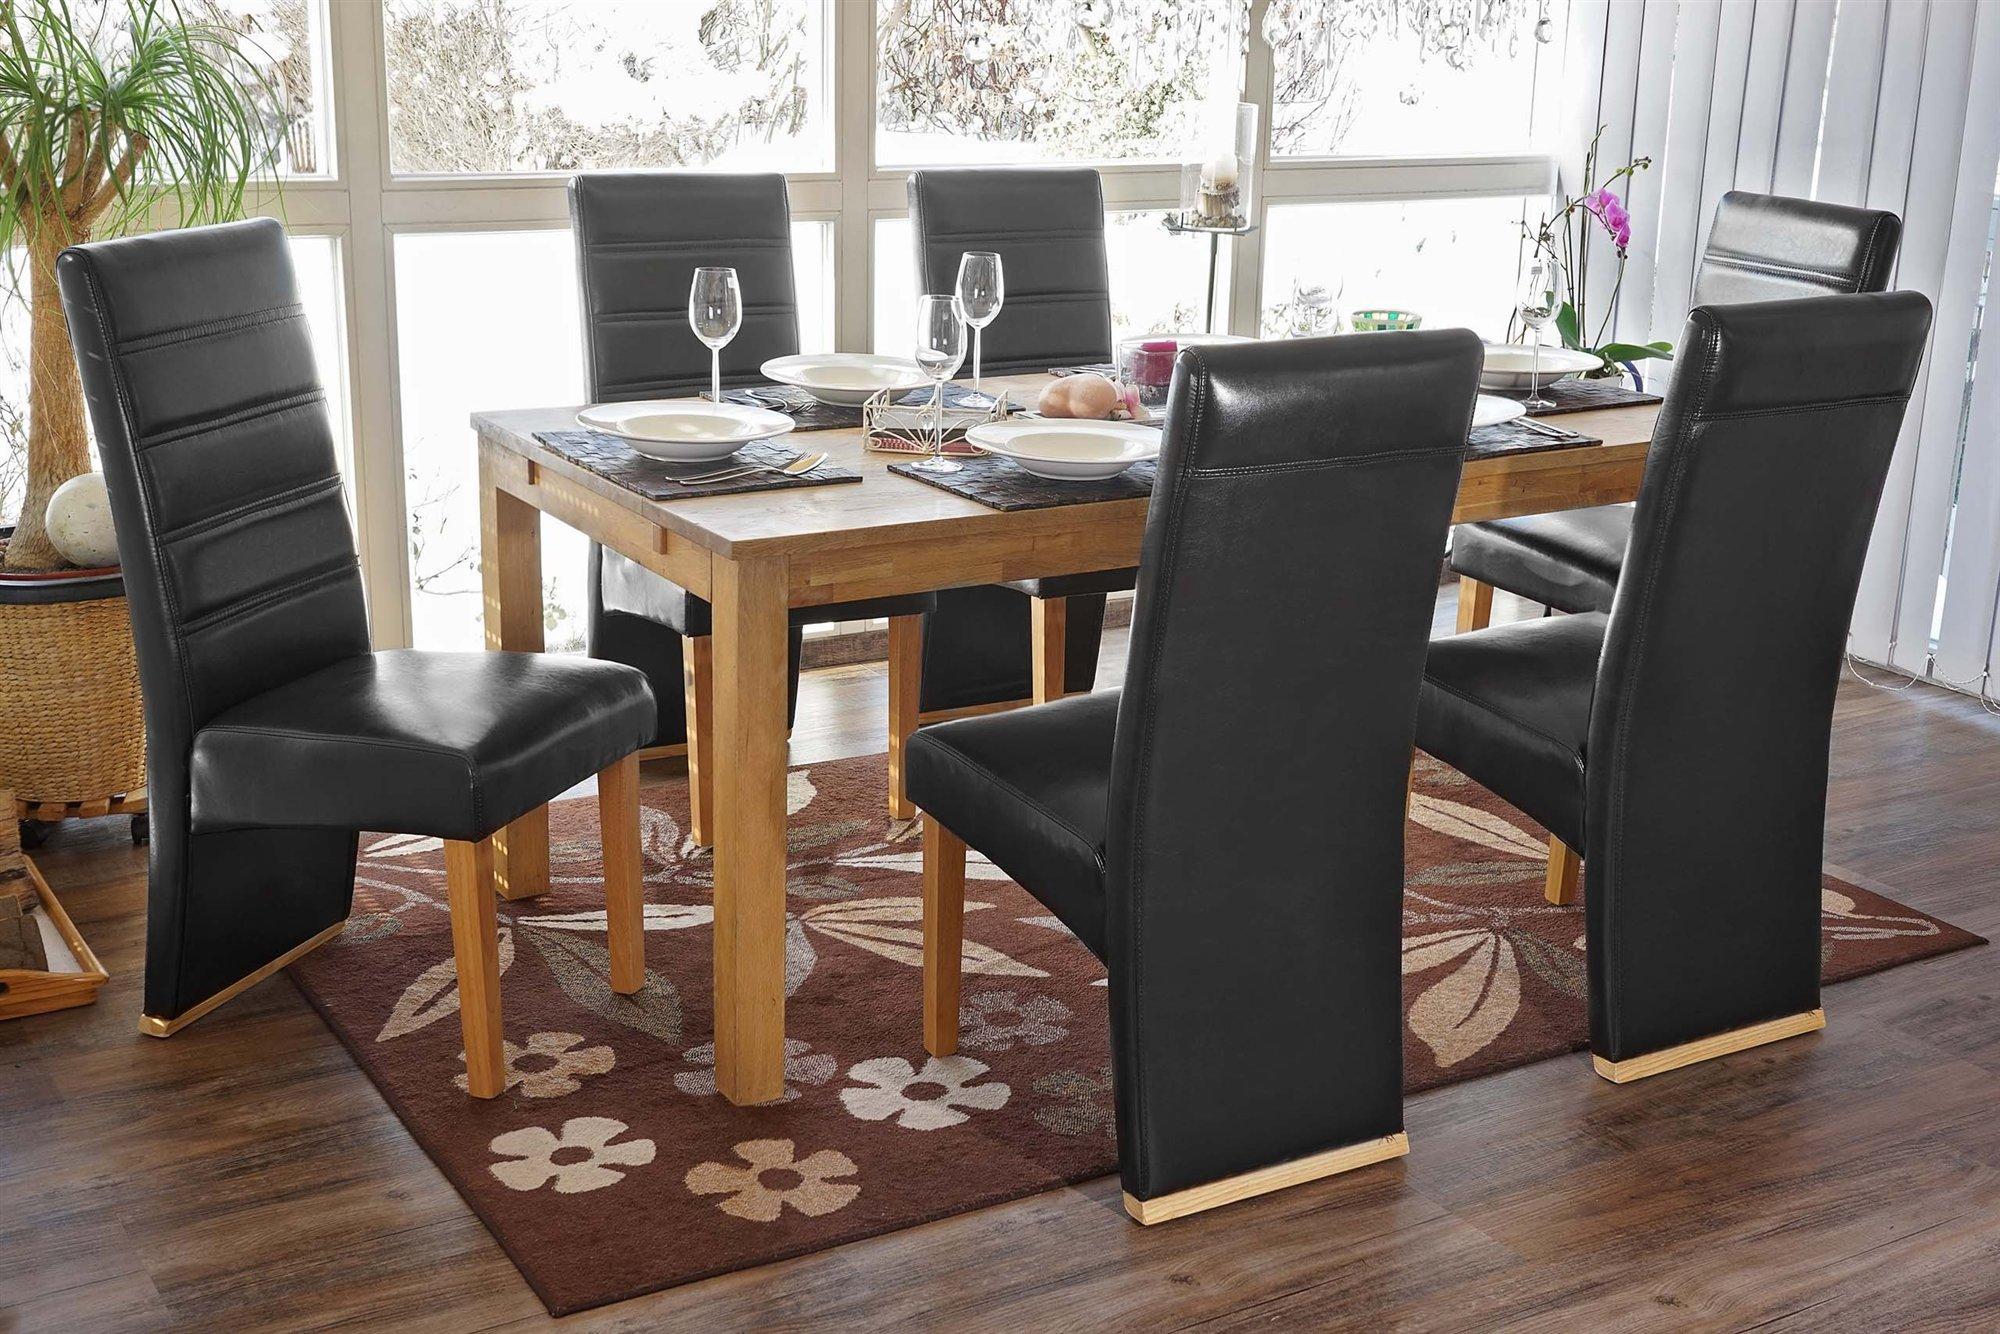 Lote de 6 sillas de comedor neron piel negra y patas for Sillas de cuero para comedor